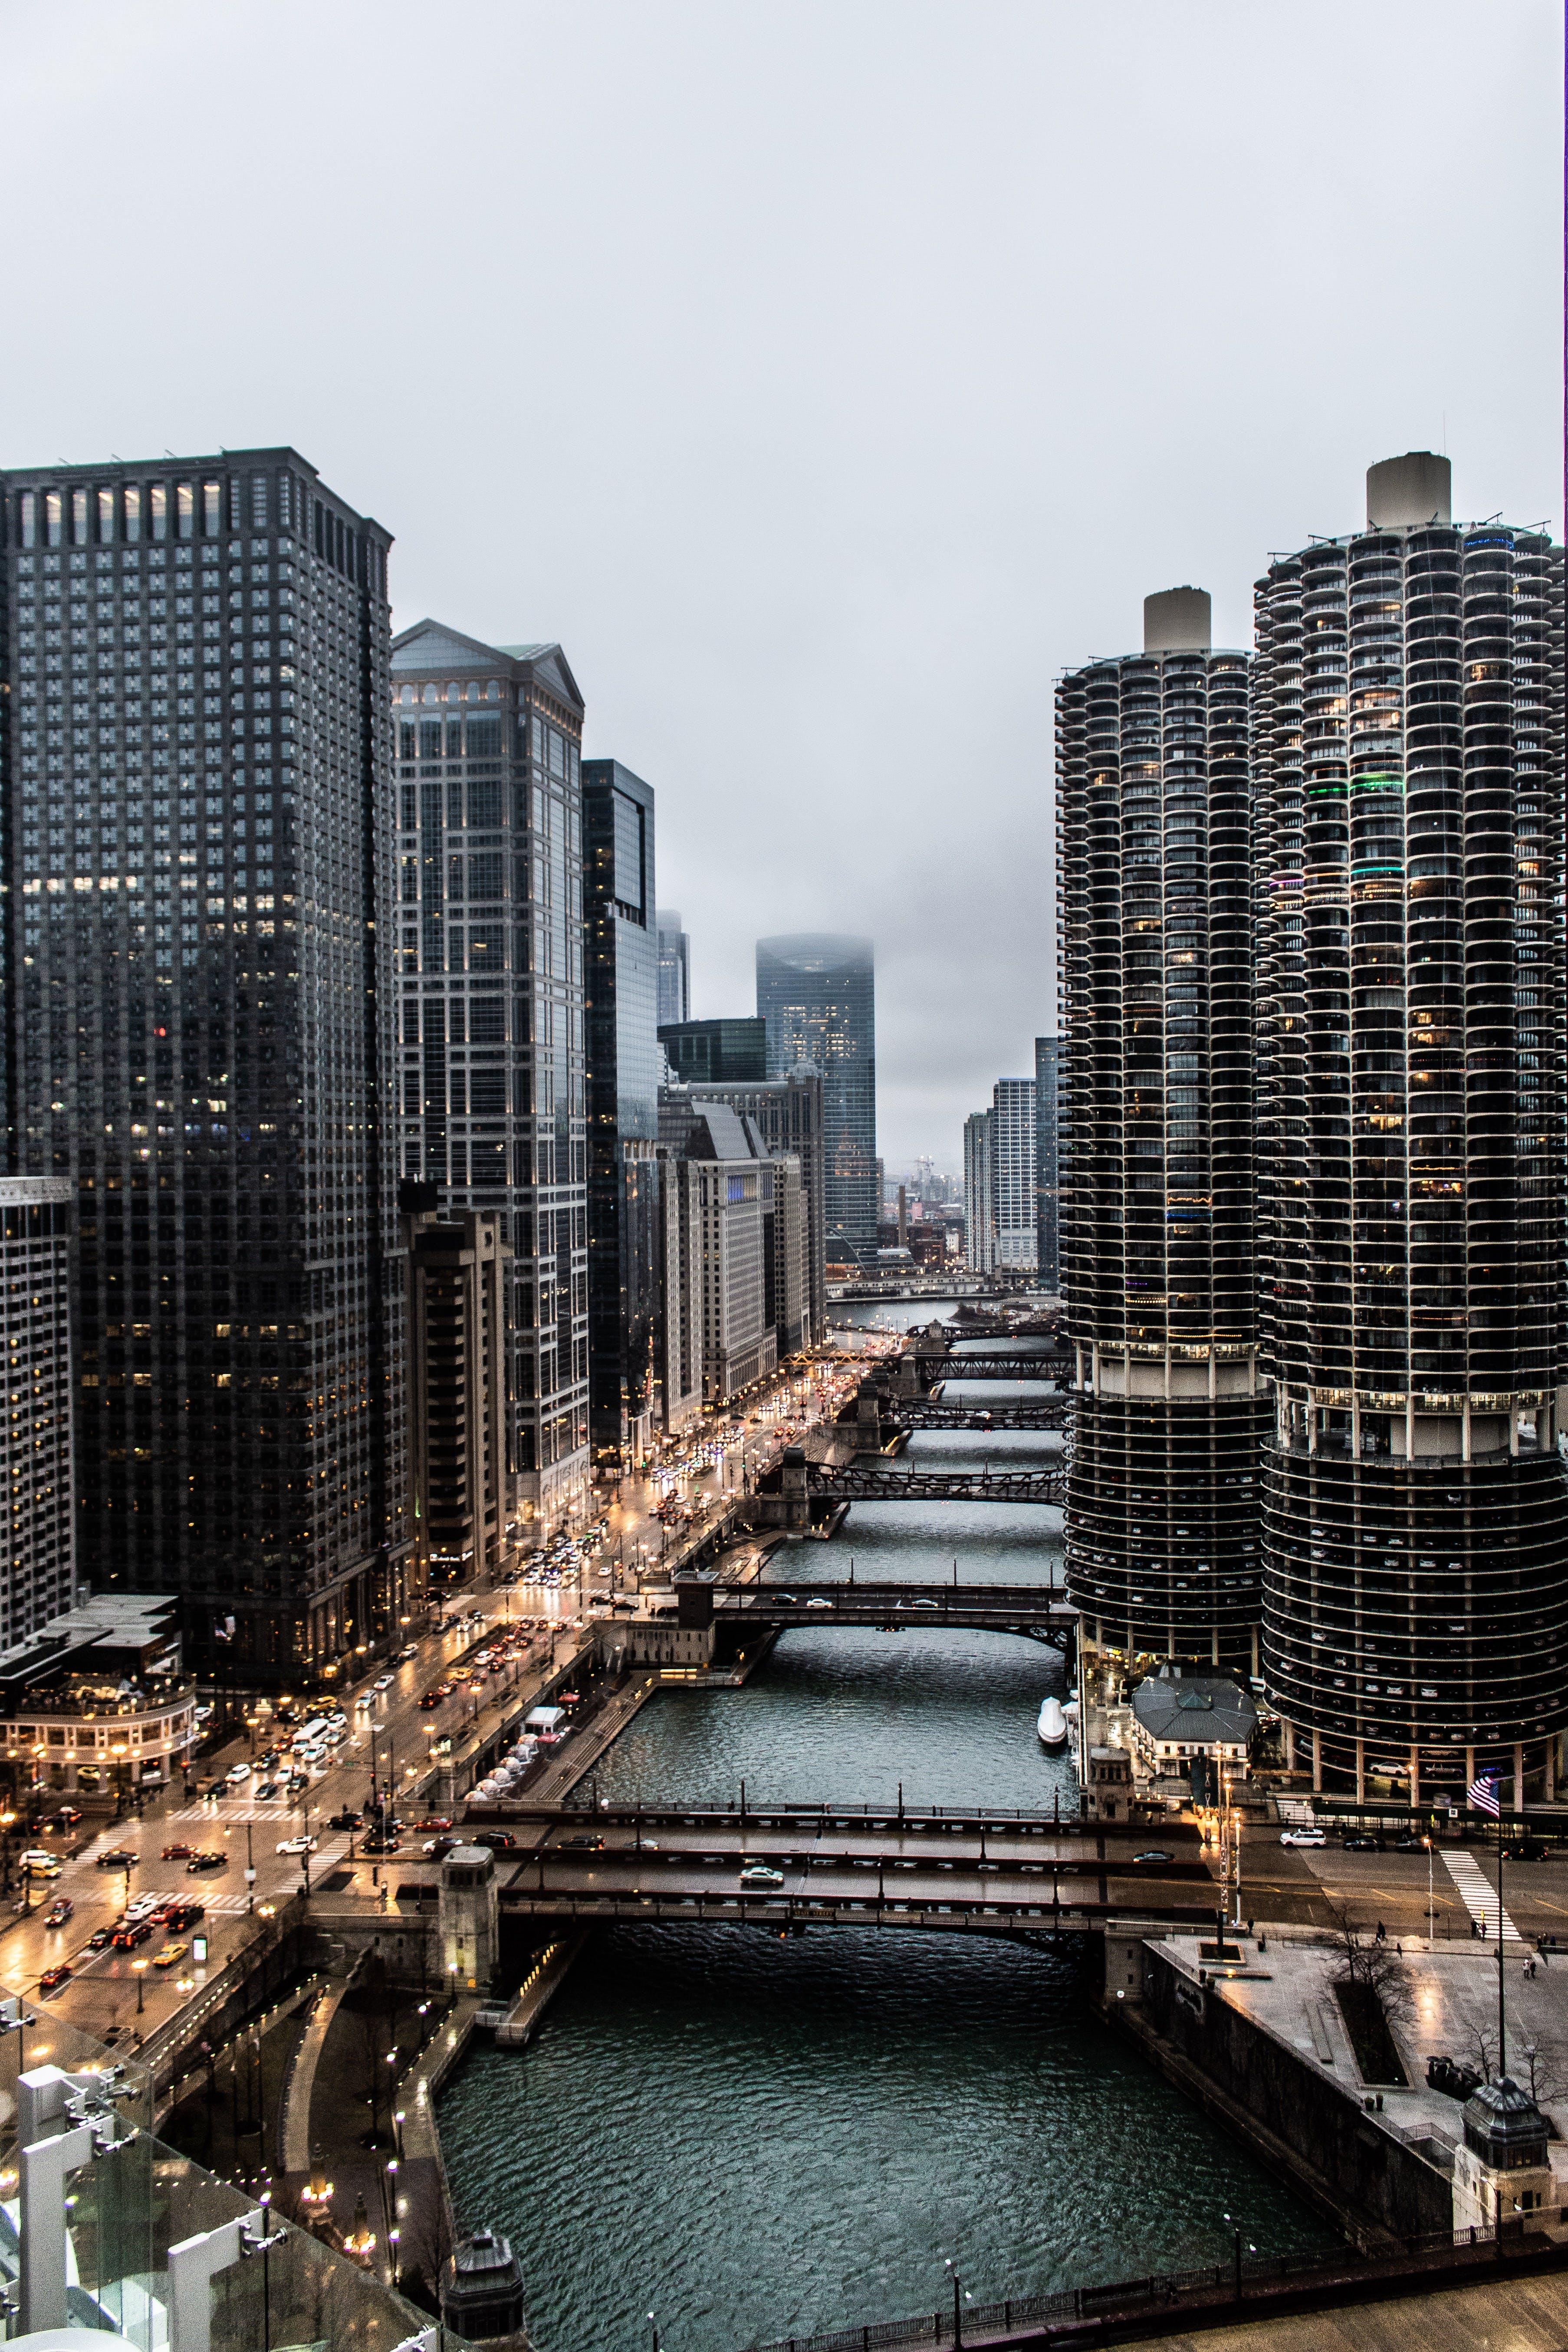 City Buildings and Bridges